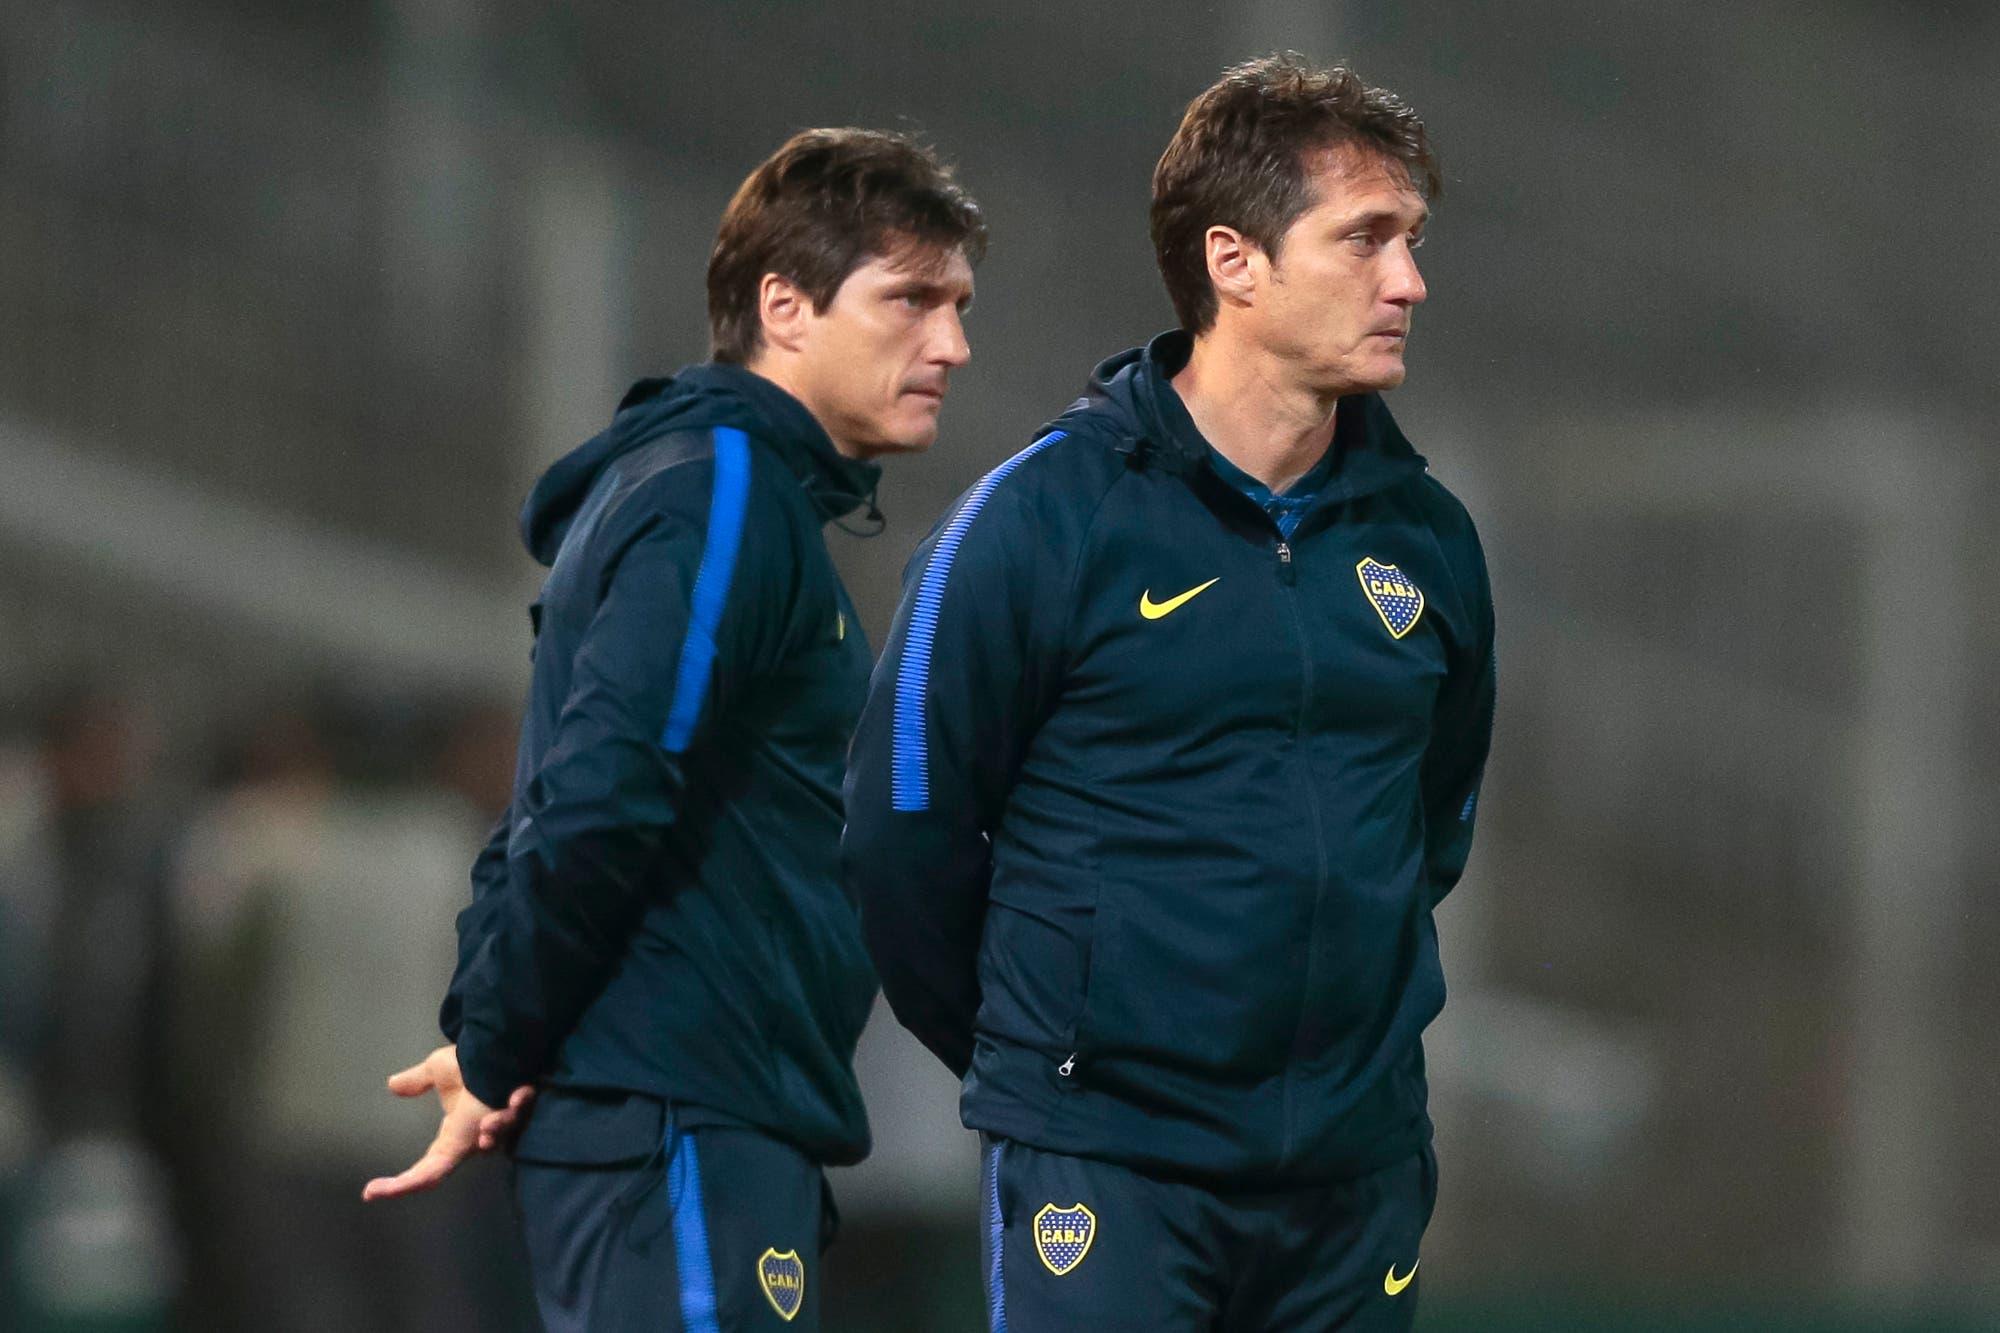 Los Mellizos Barros Schelotto, en jaque: su futuro en Boca quedó condicionado a la Copa Libertadores